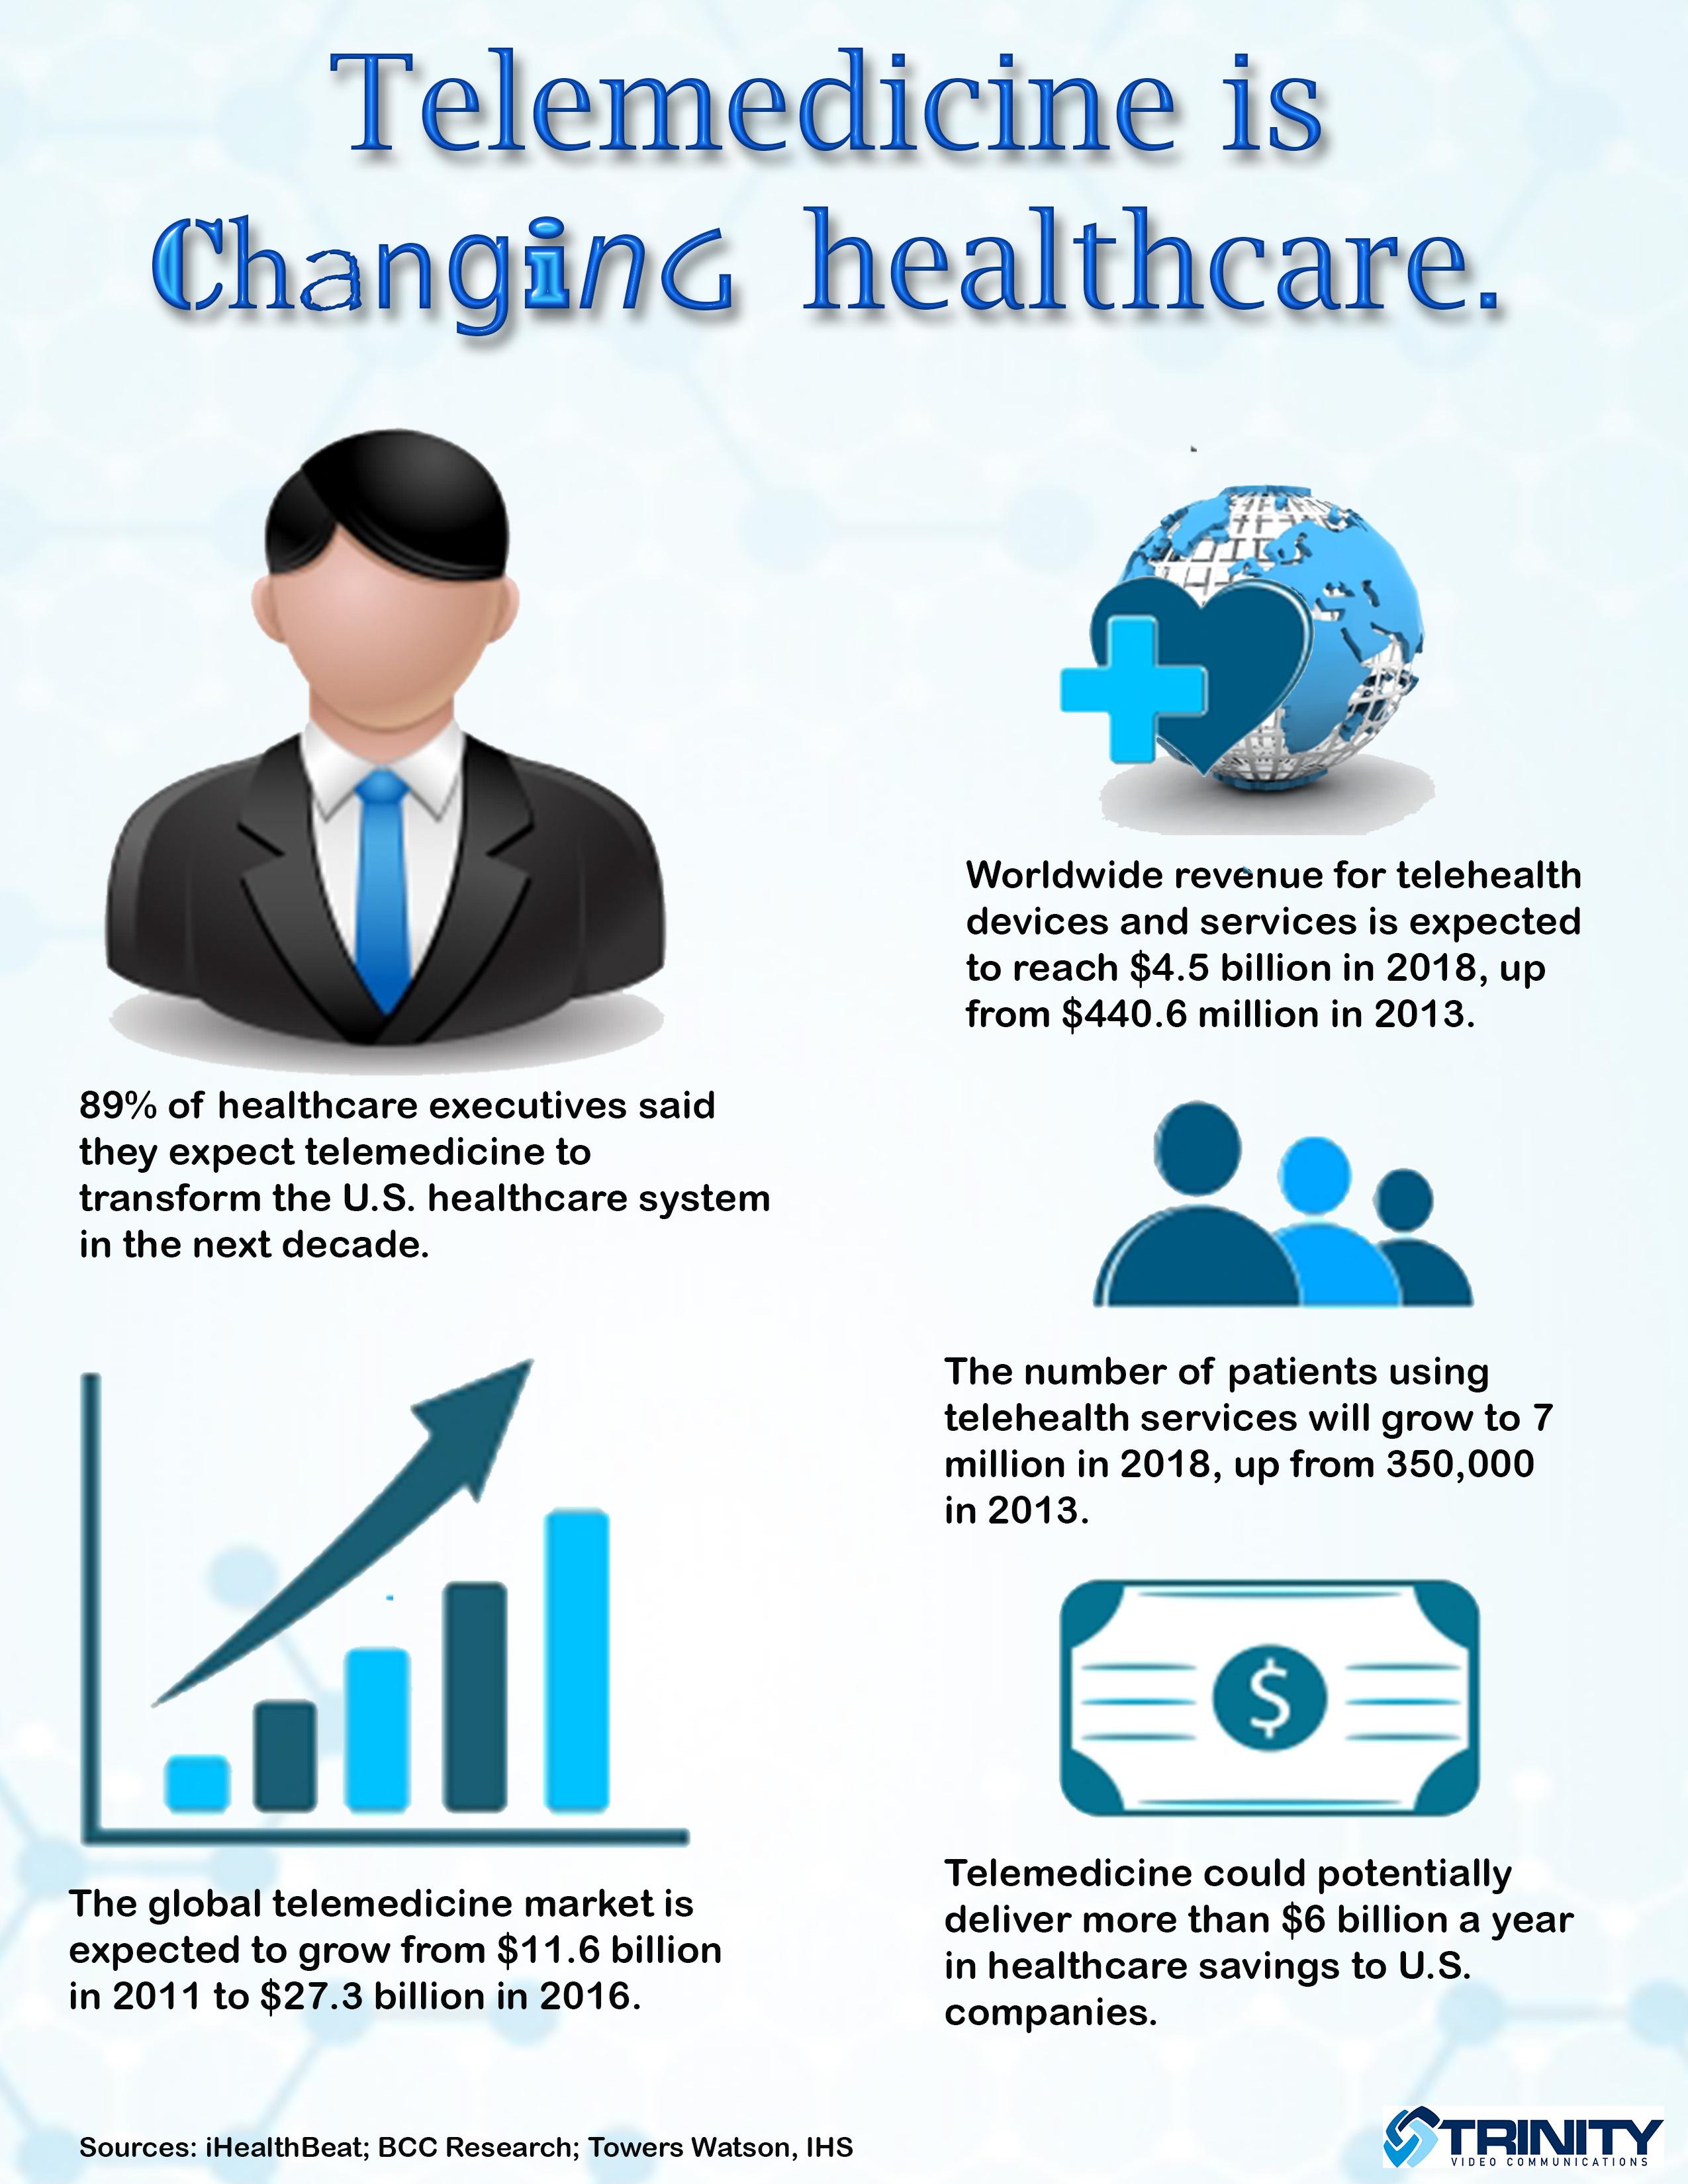 Telemedicine | A Glimpse into the Future of Healthcare